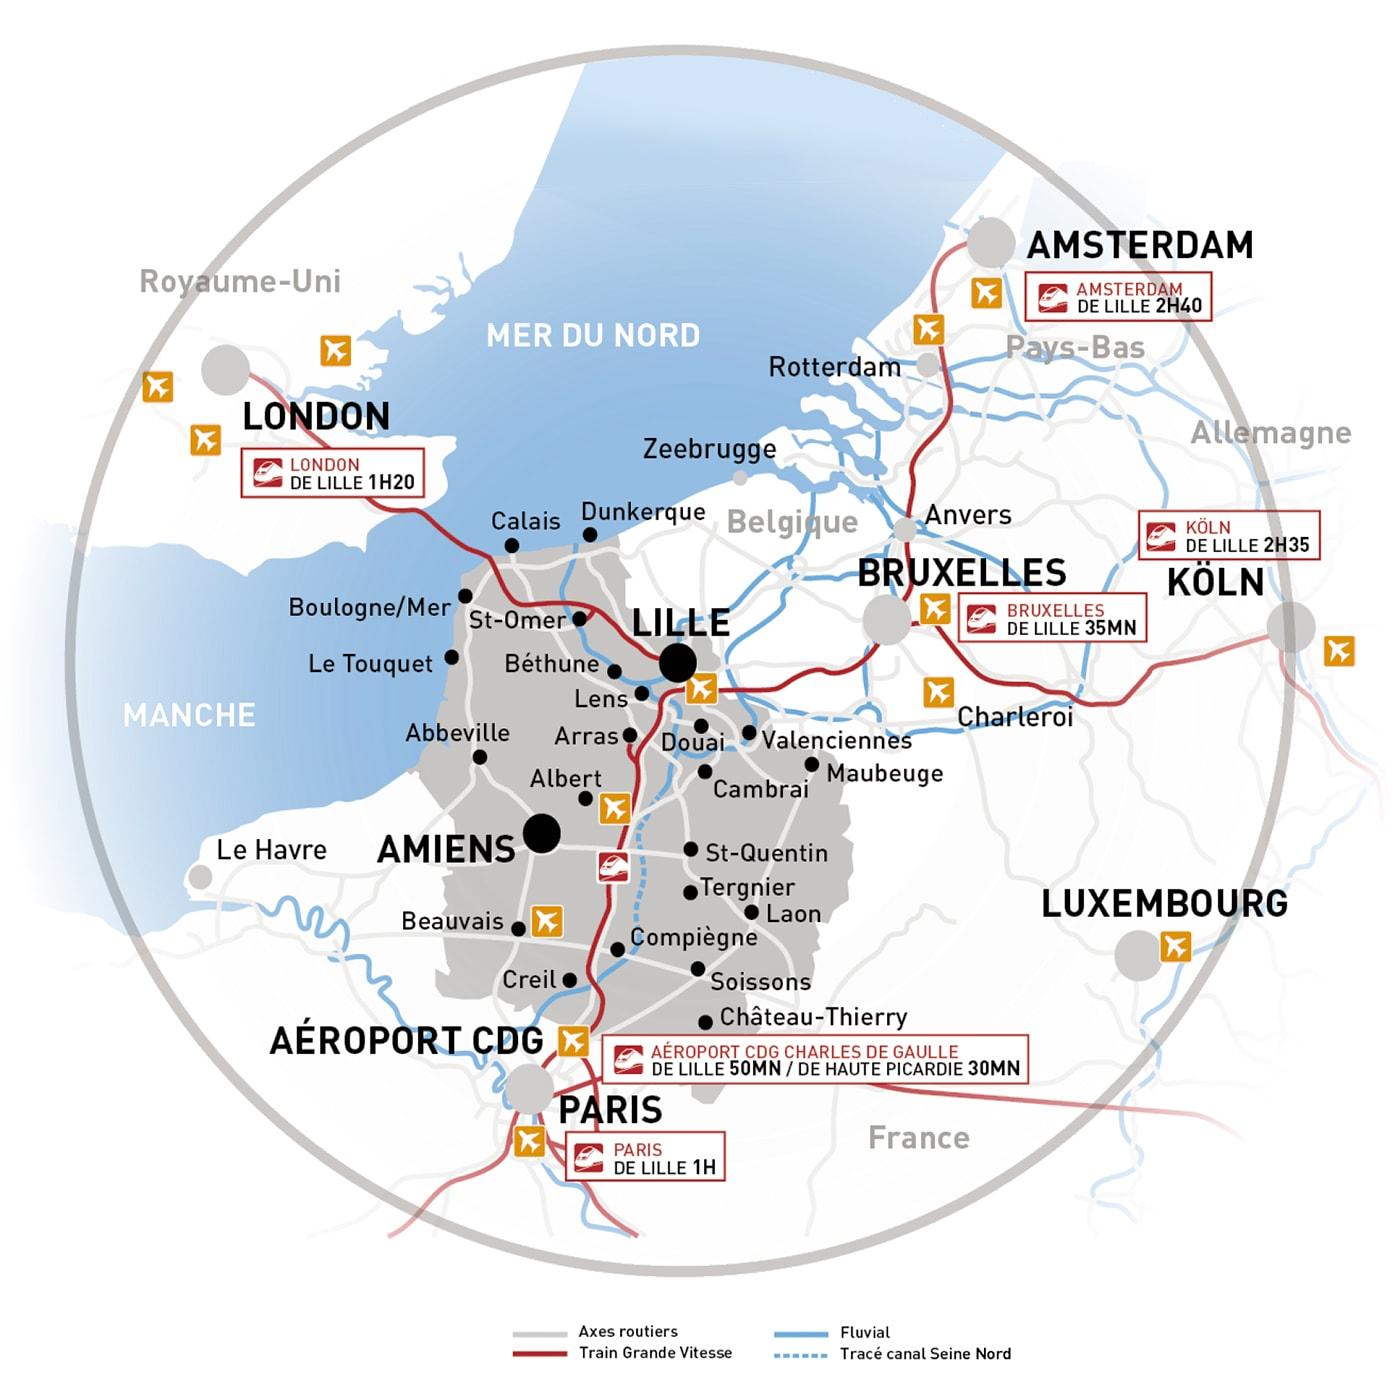 Positionnement de Lille dans un réseau de transport à plus grande échelle